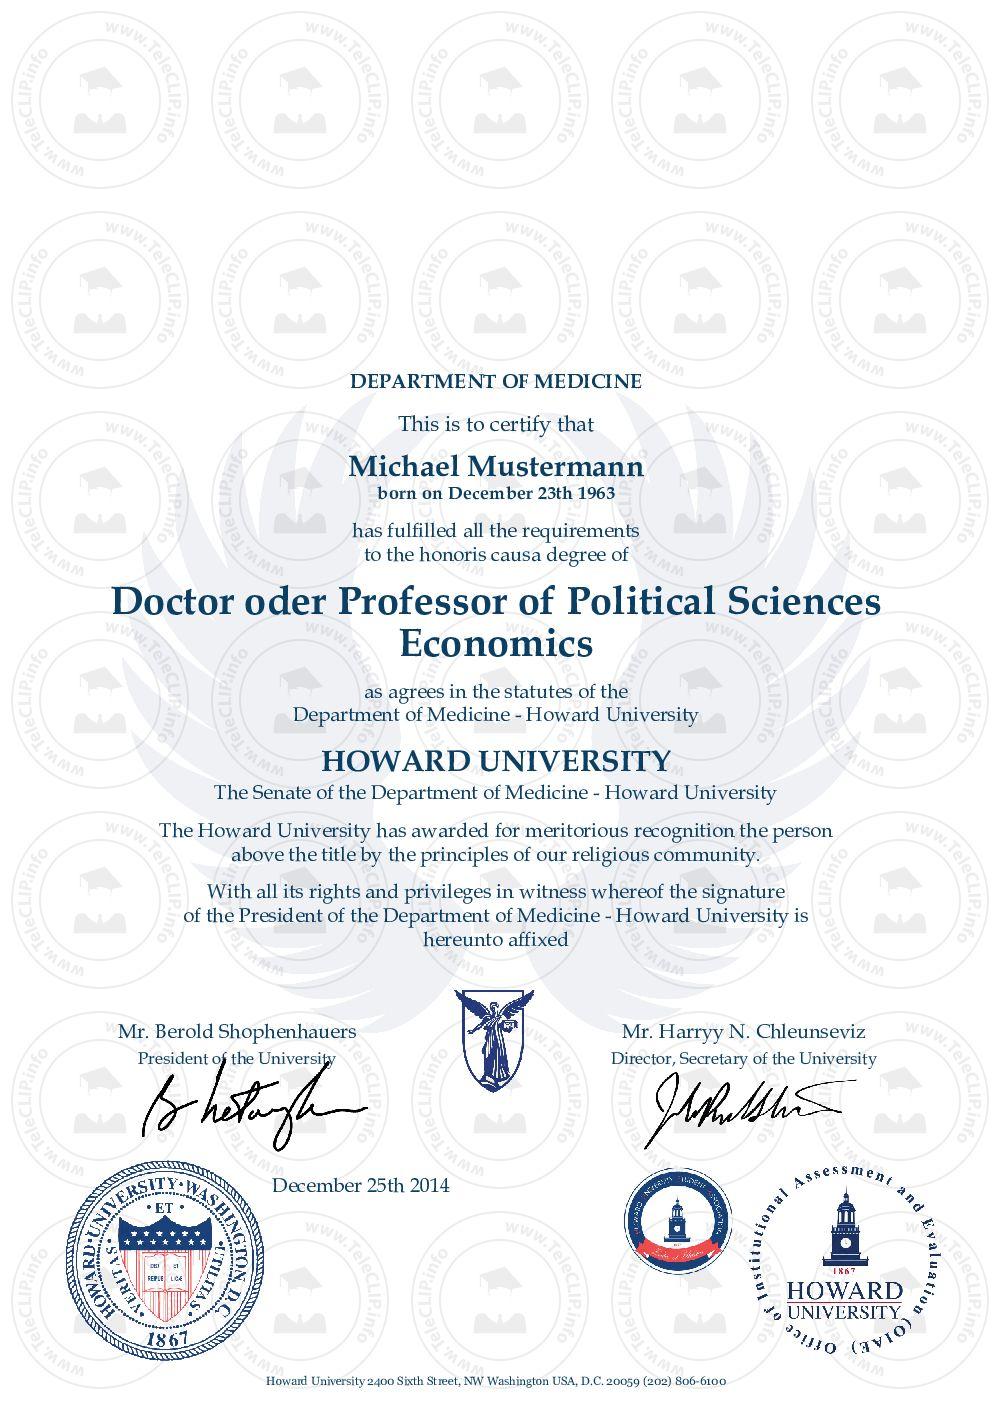 Doktortitel kaufen, Diplom Urkunde kaufen, Zeugnis kaufen ... | {Rettungssanitäter zeugnis 30}